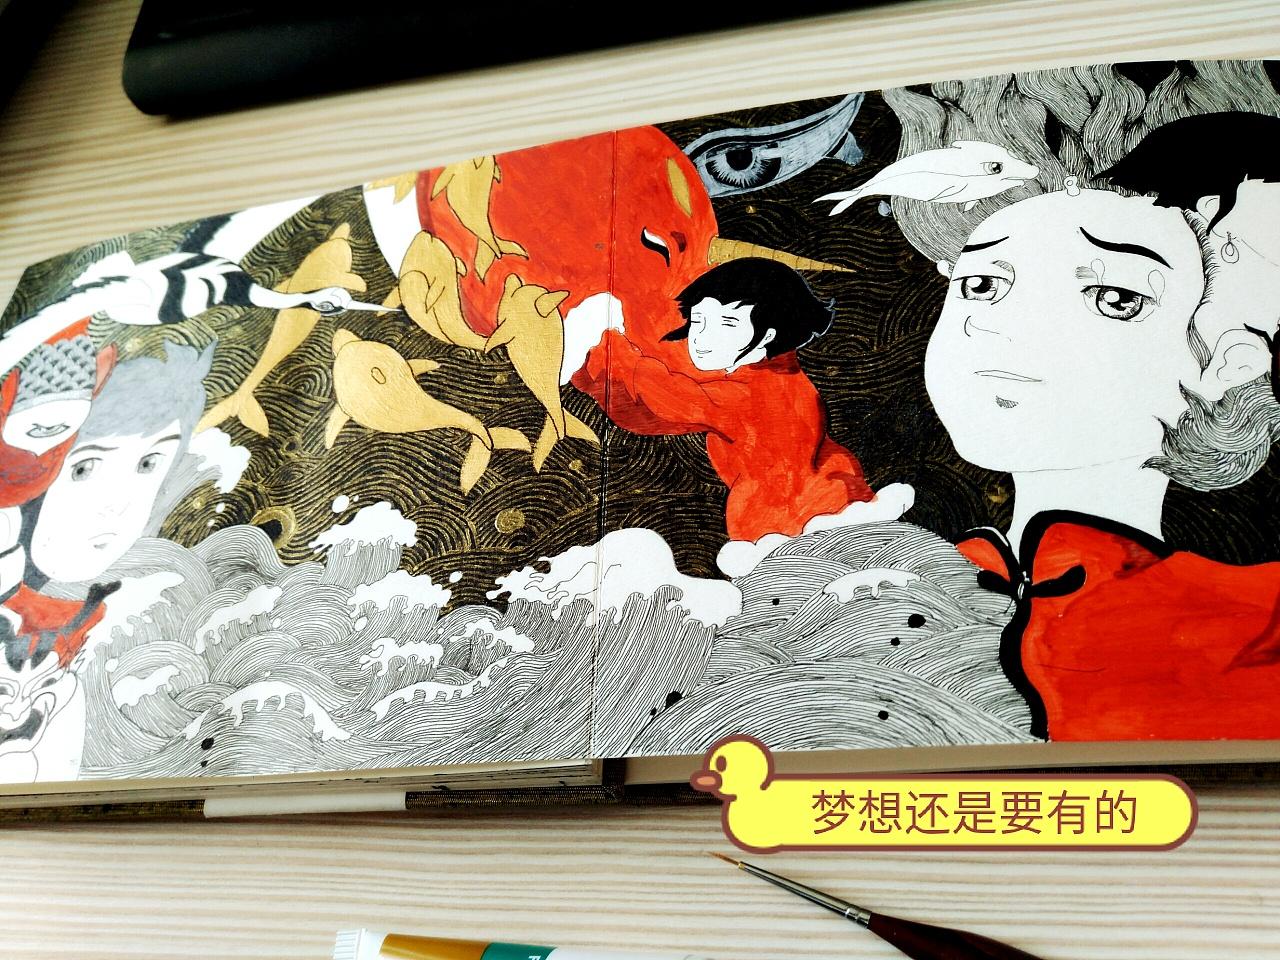 大鱼海棠——手绘 中国风 黑白